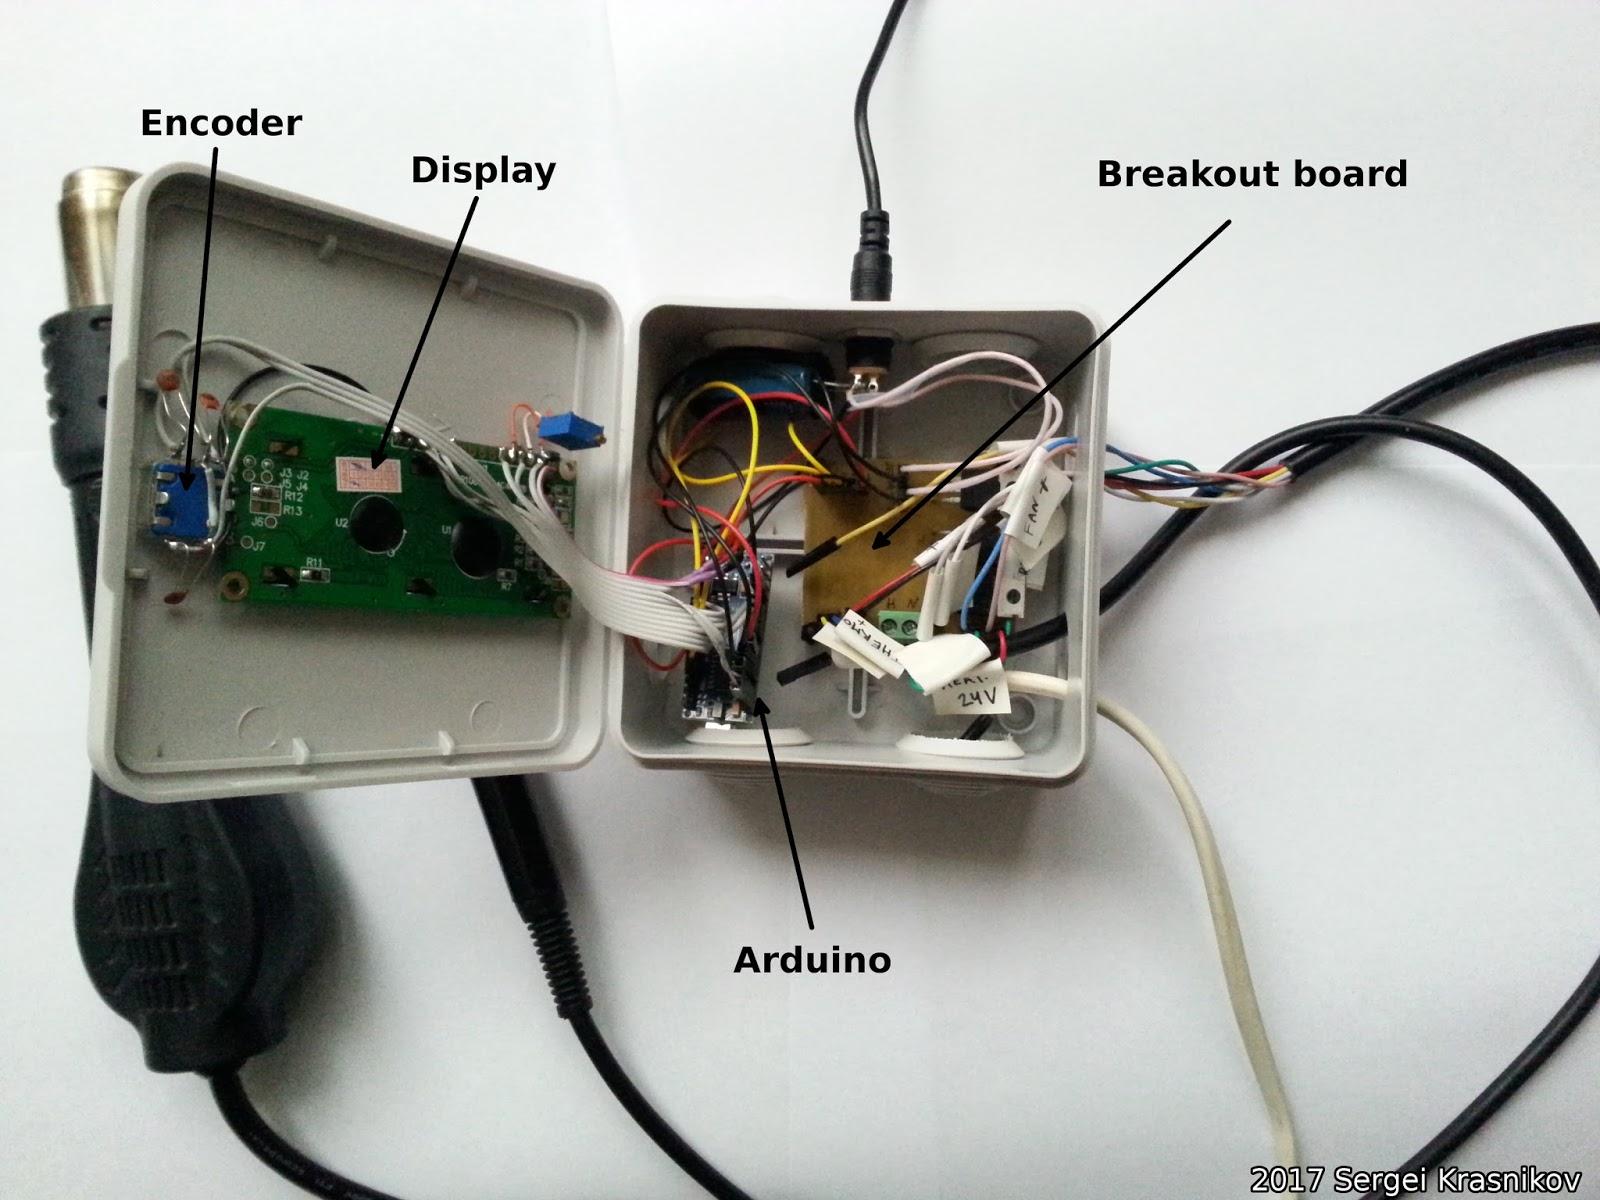 Electrolab: DIY (de)soldering station for $25